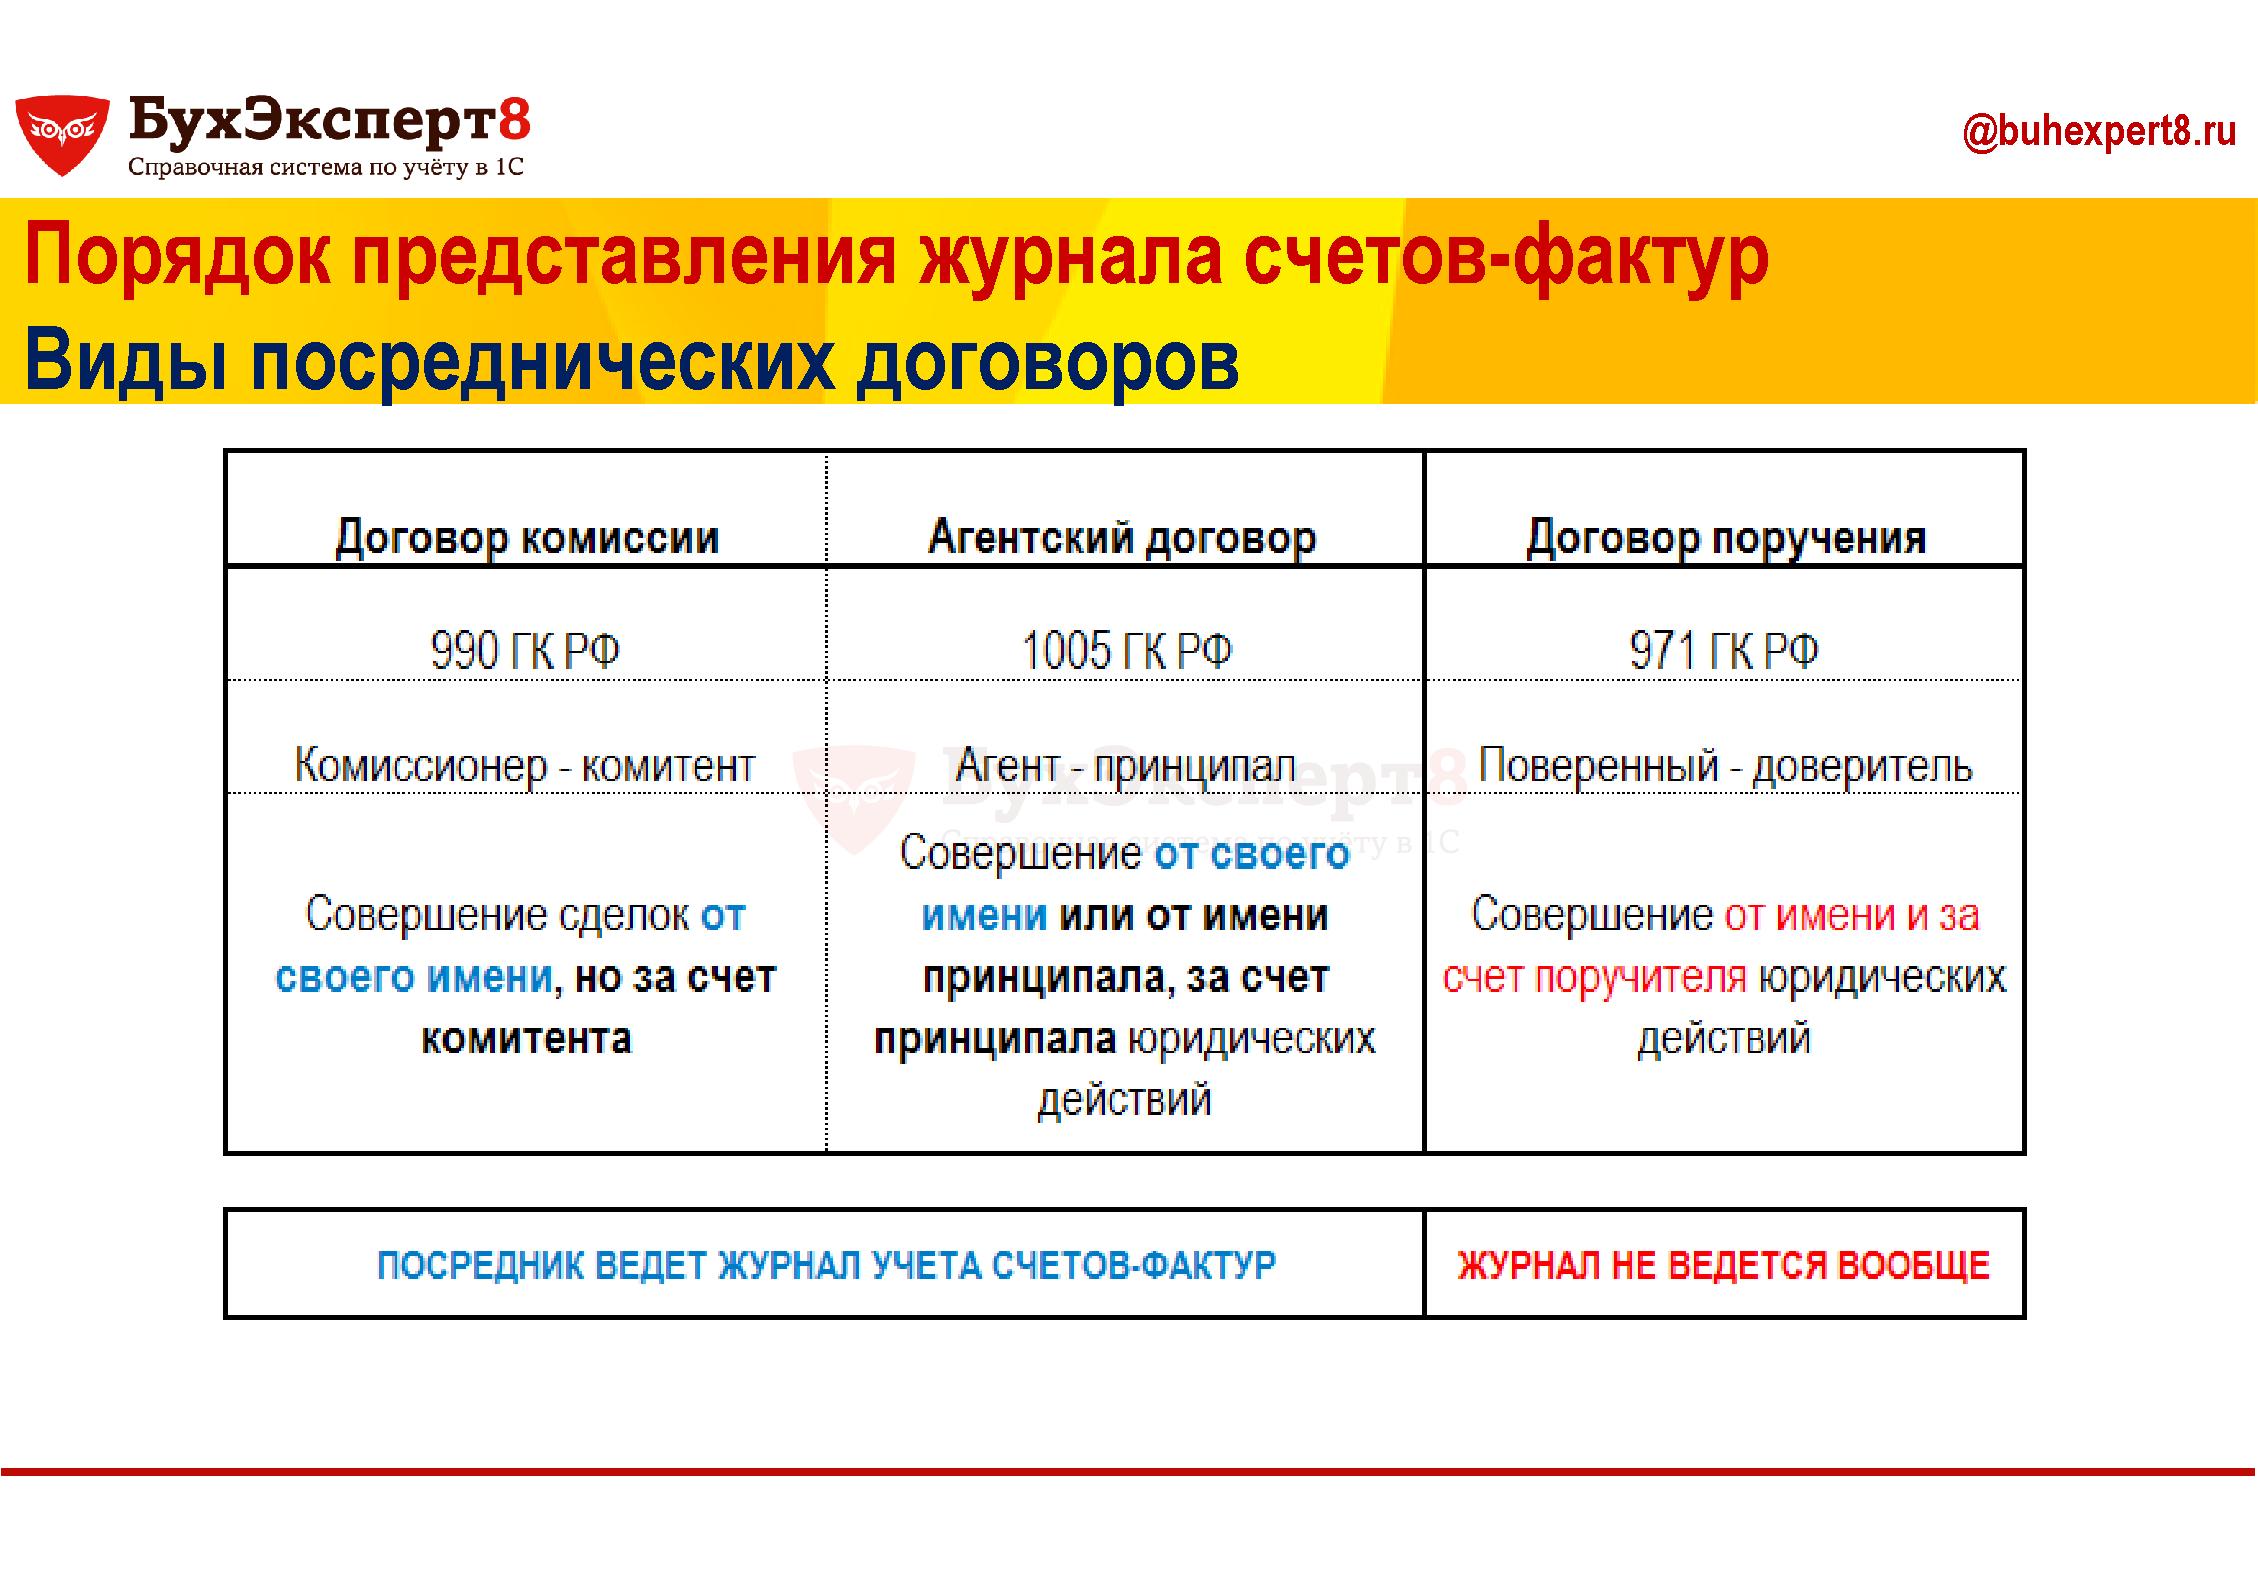 Порядок представления журнала счетов-фактур Виды посреднических договоров